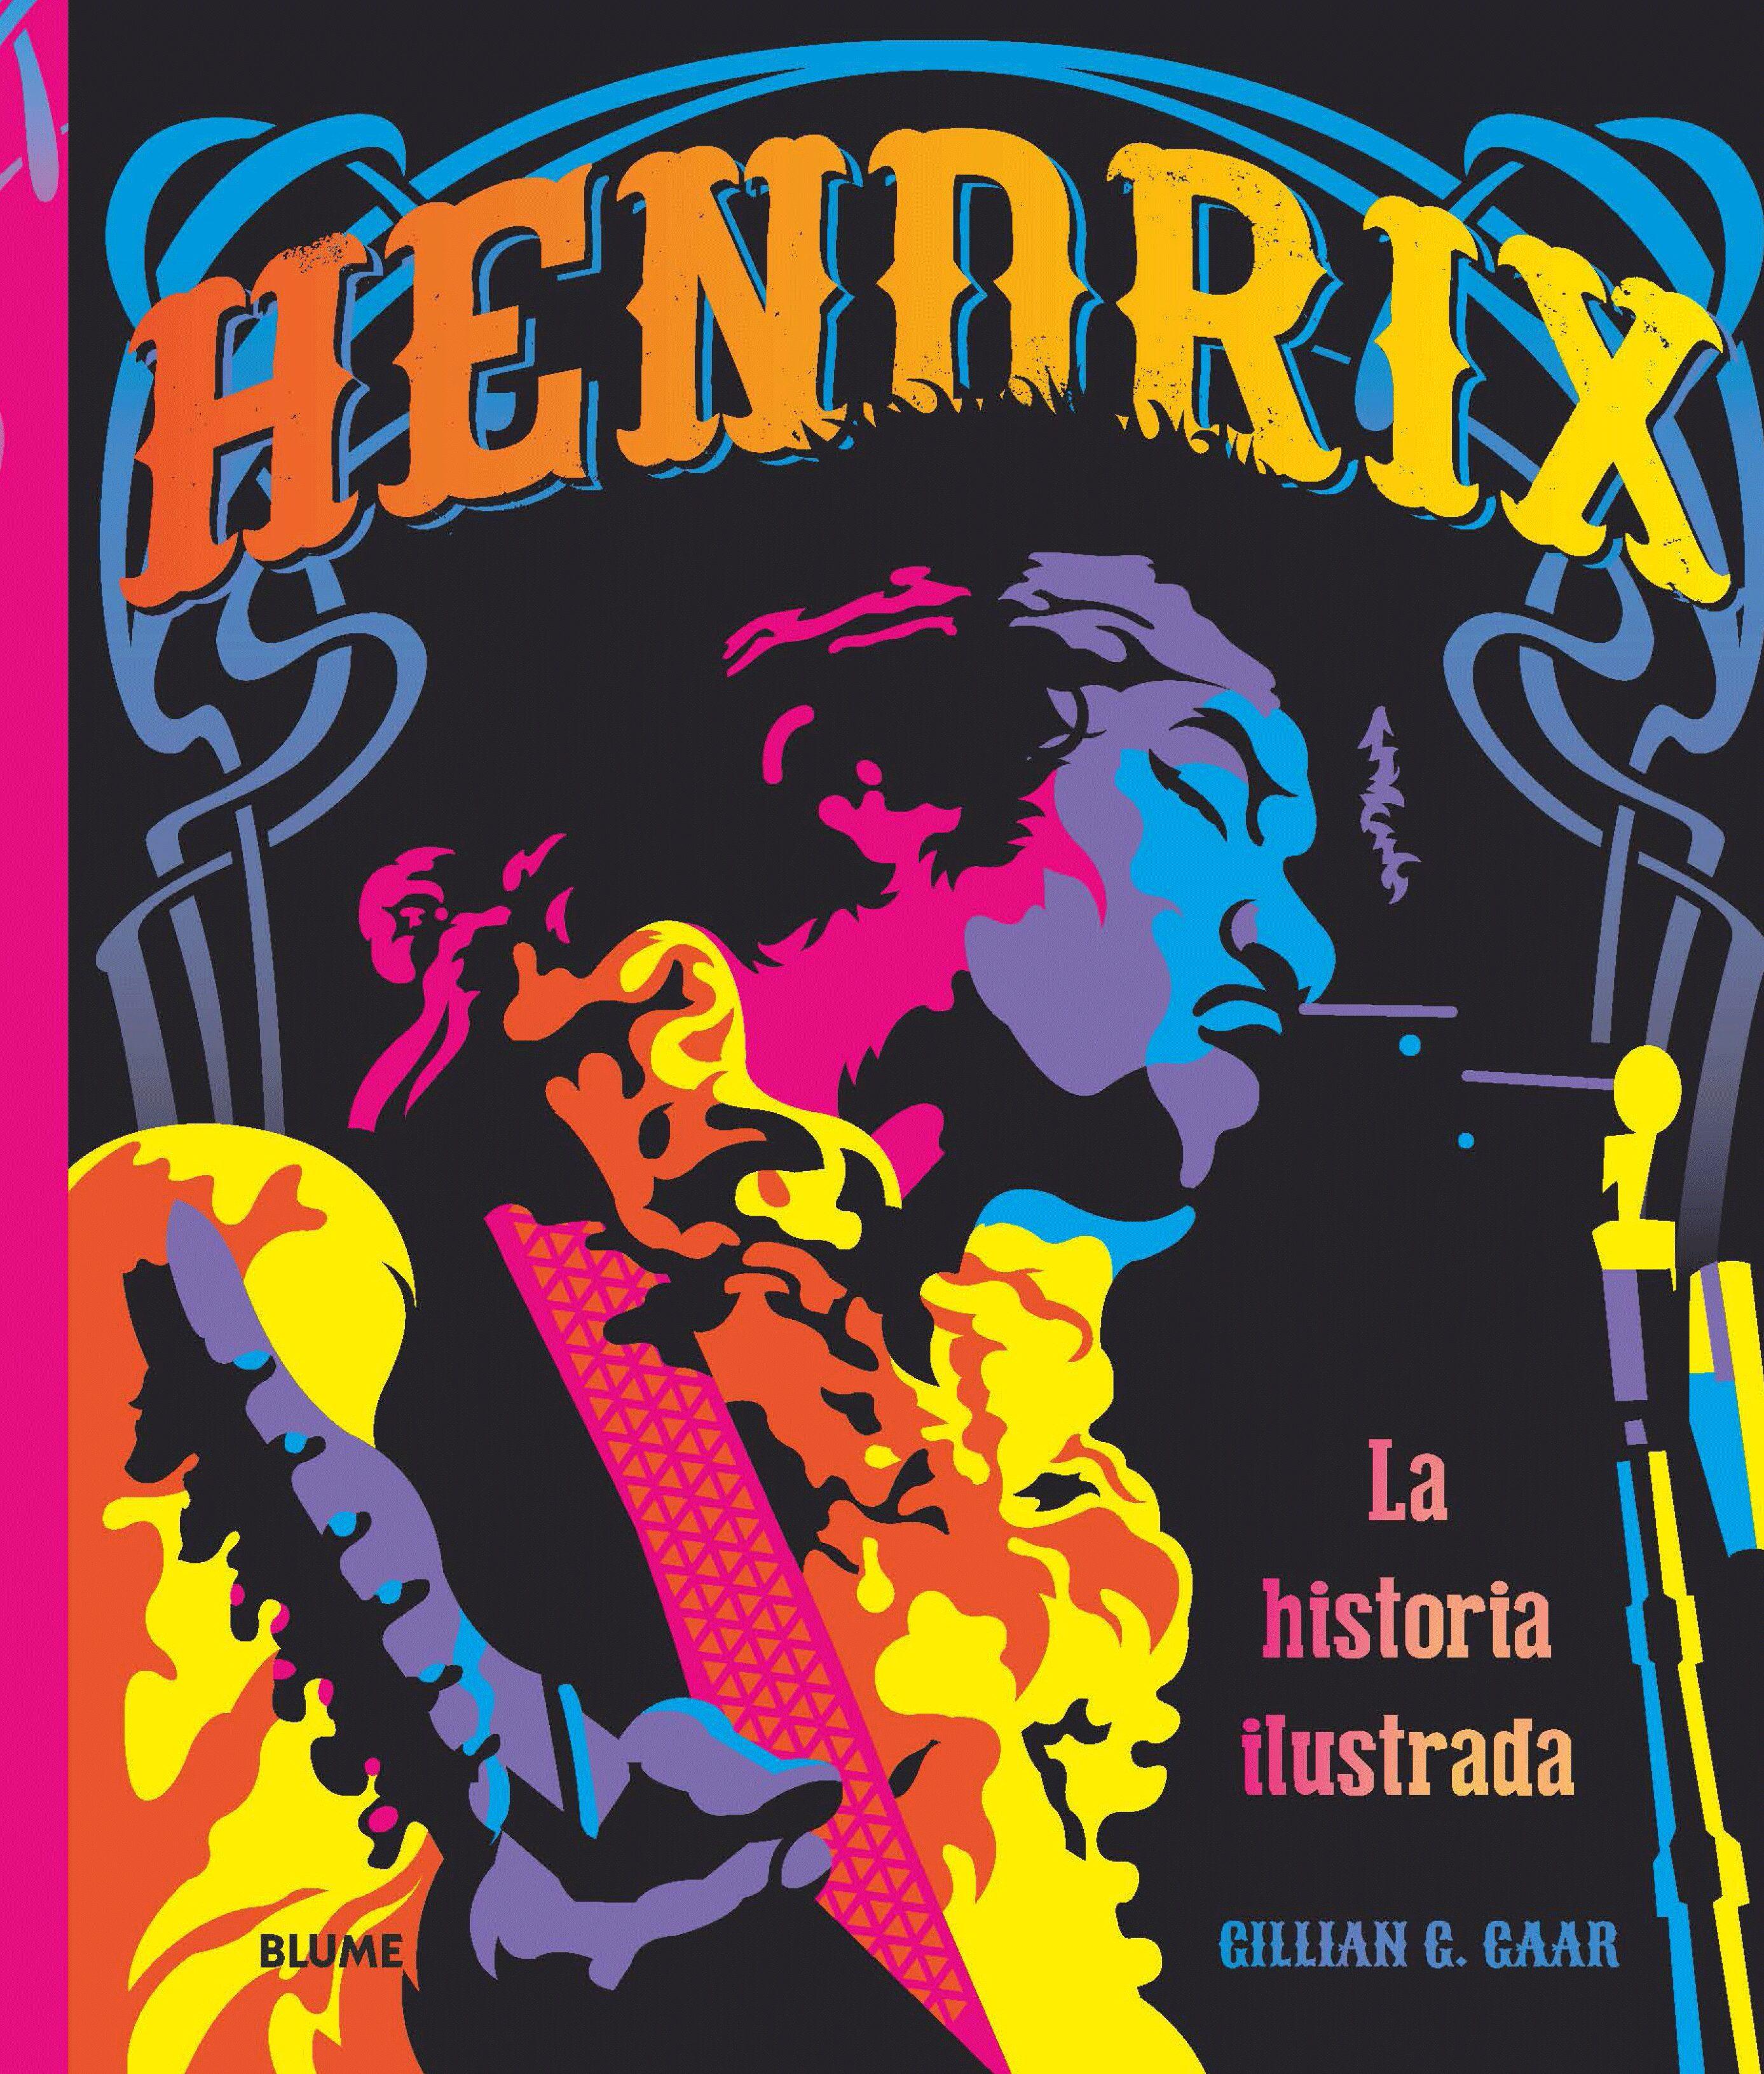 Hendrix: La Historia Ilustrada por Gillian G.gaar